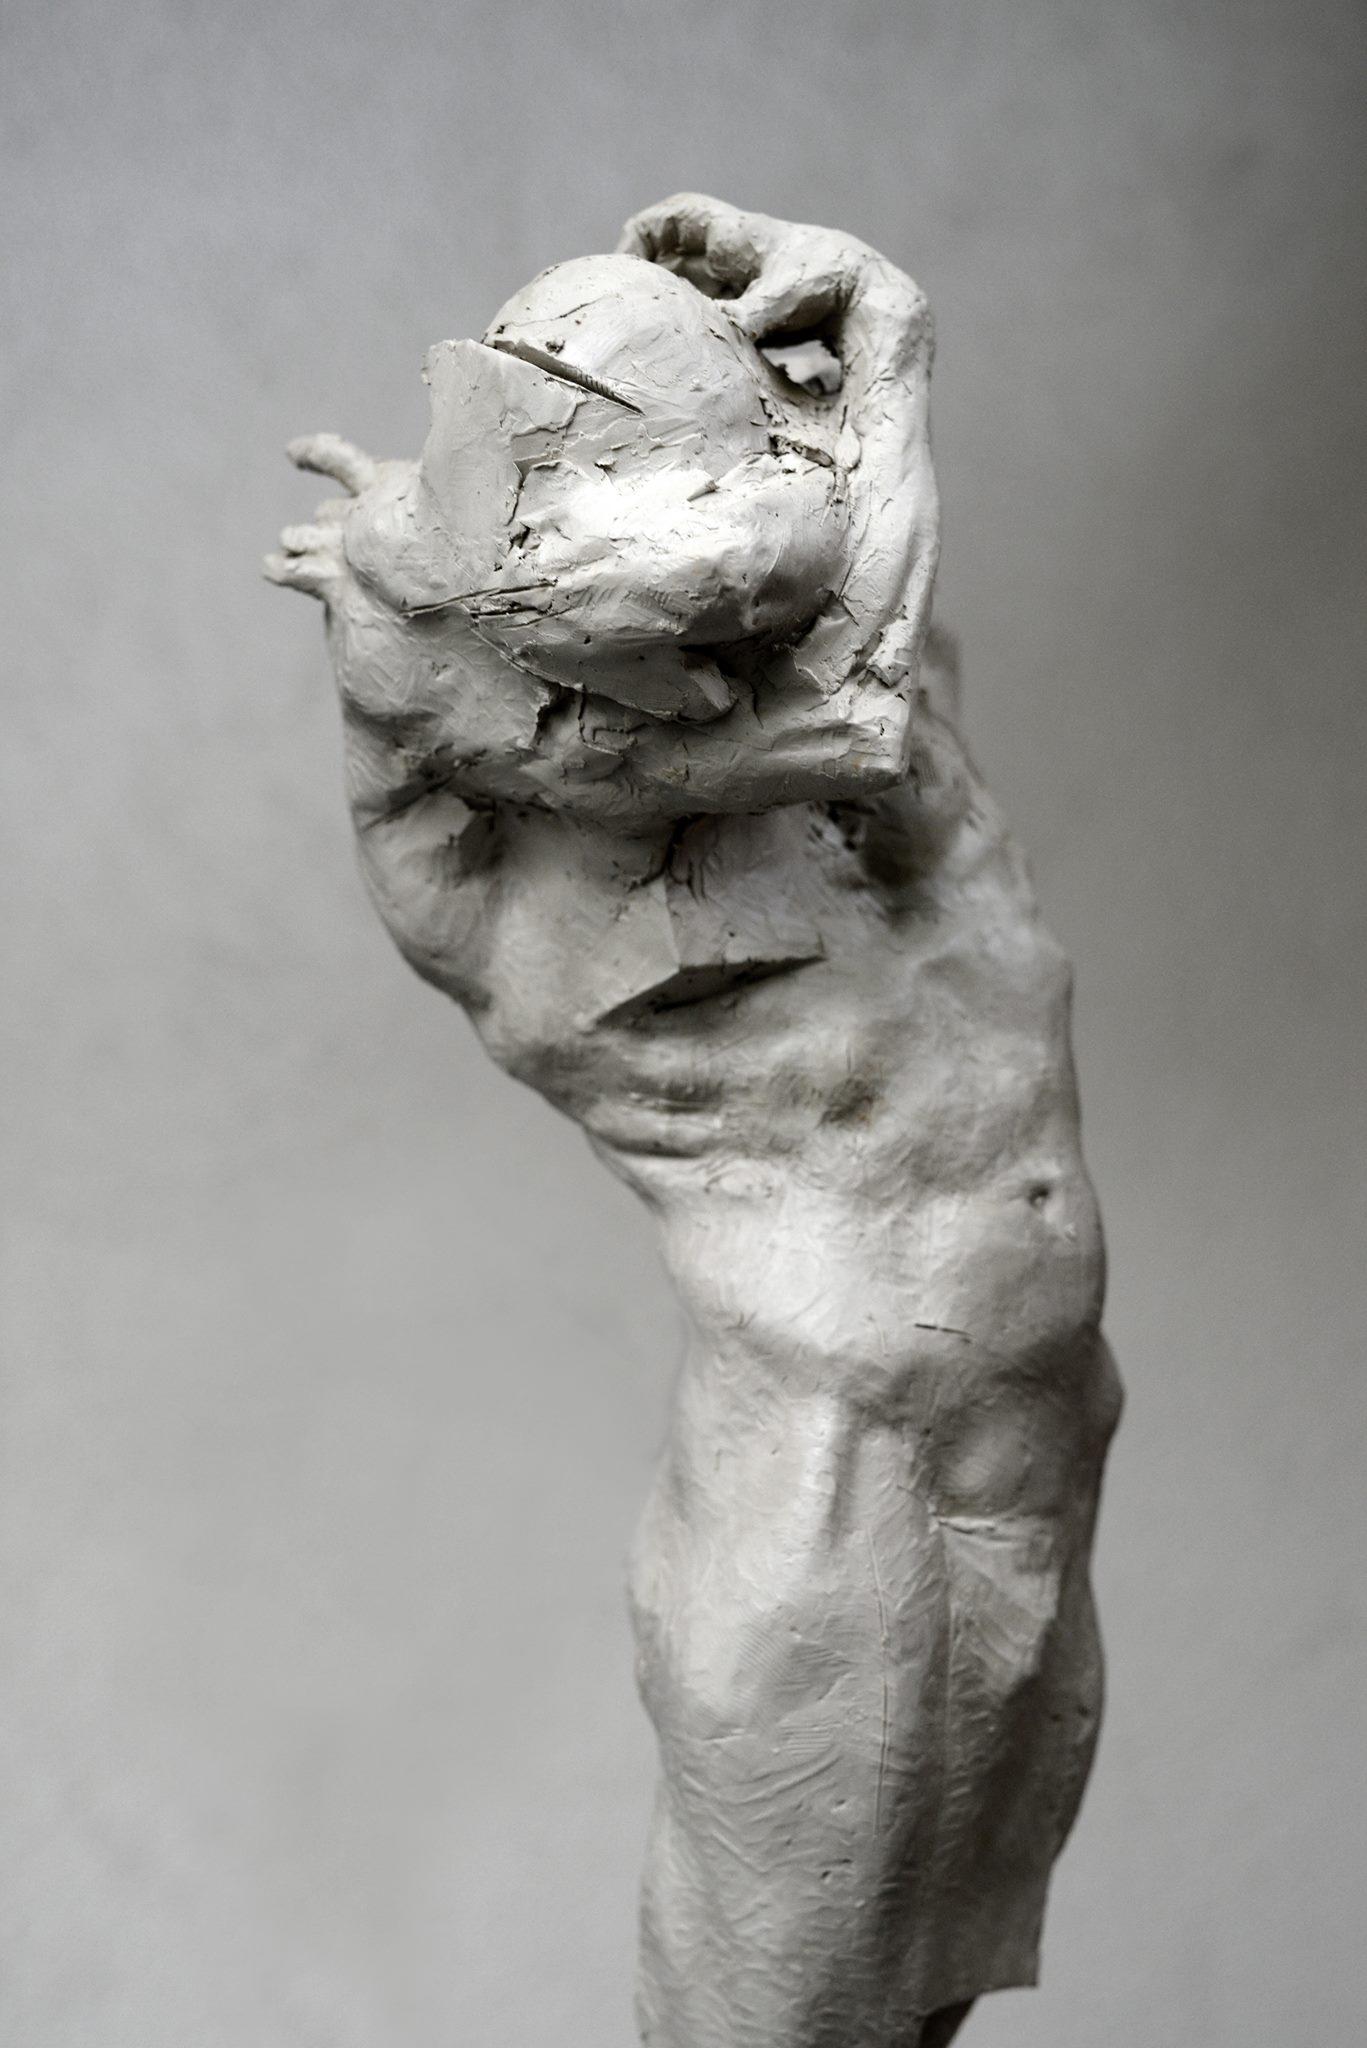 Grzegorz Gwiazda – Sculptures